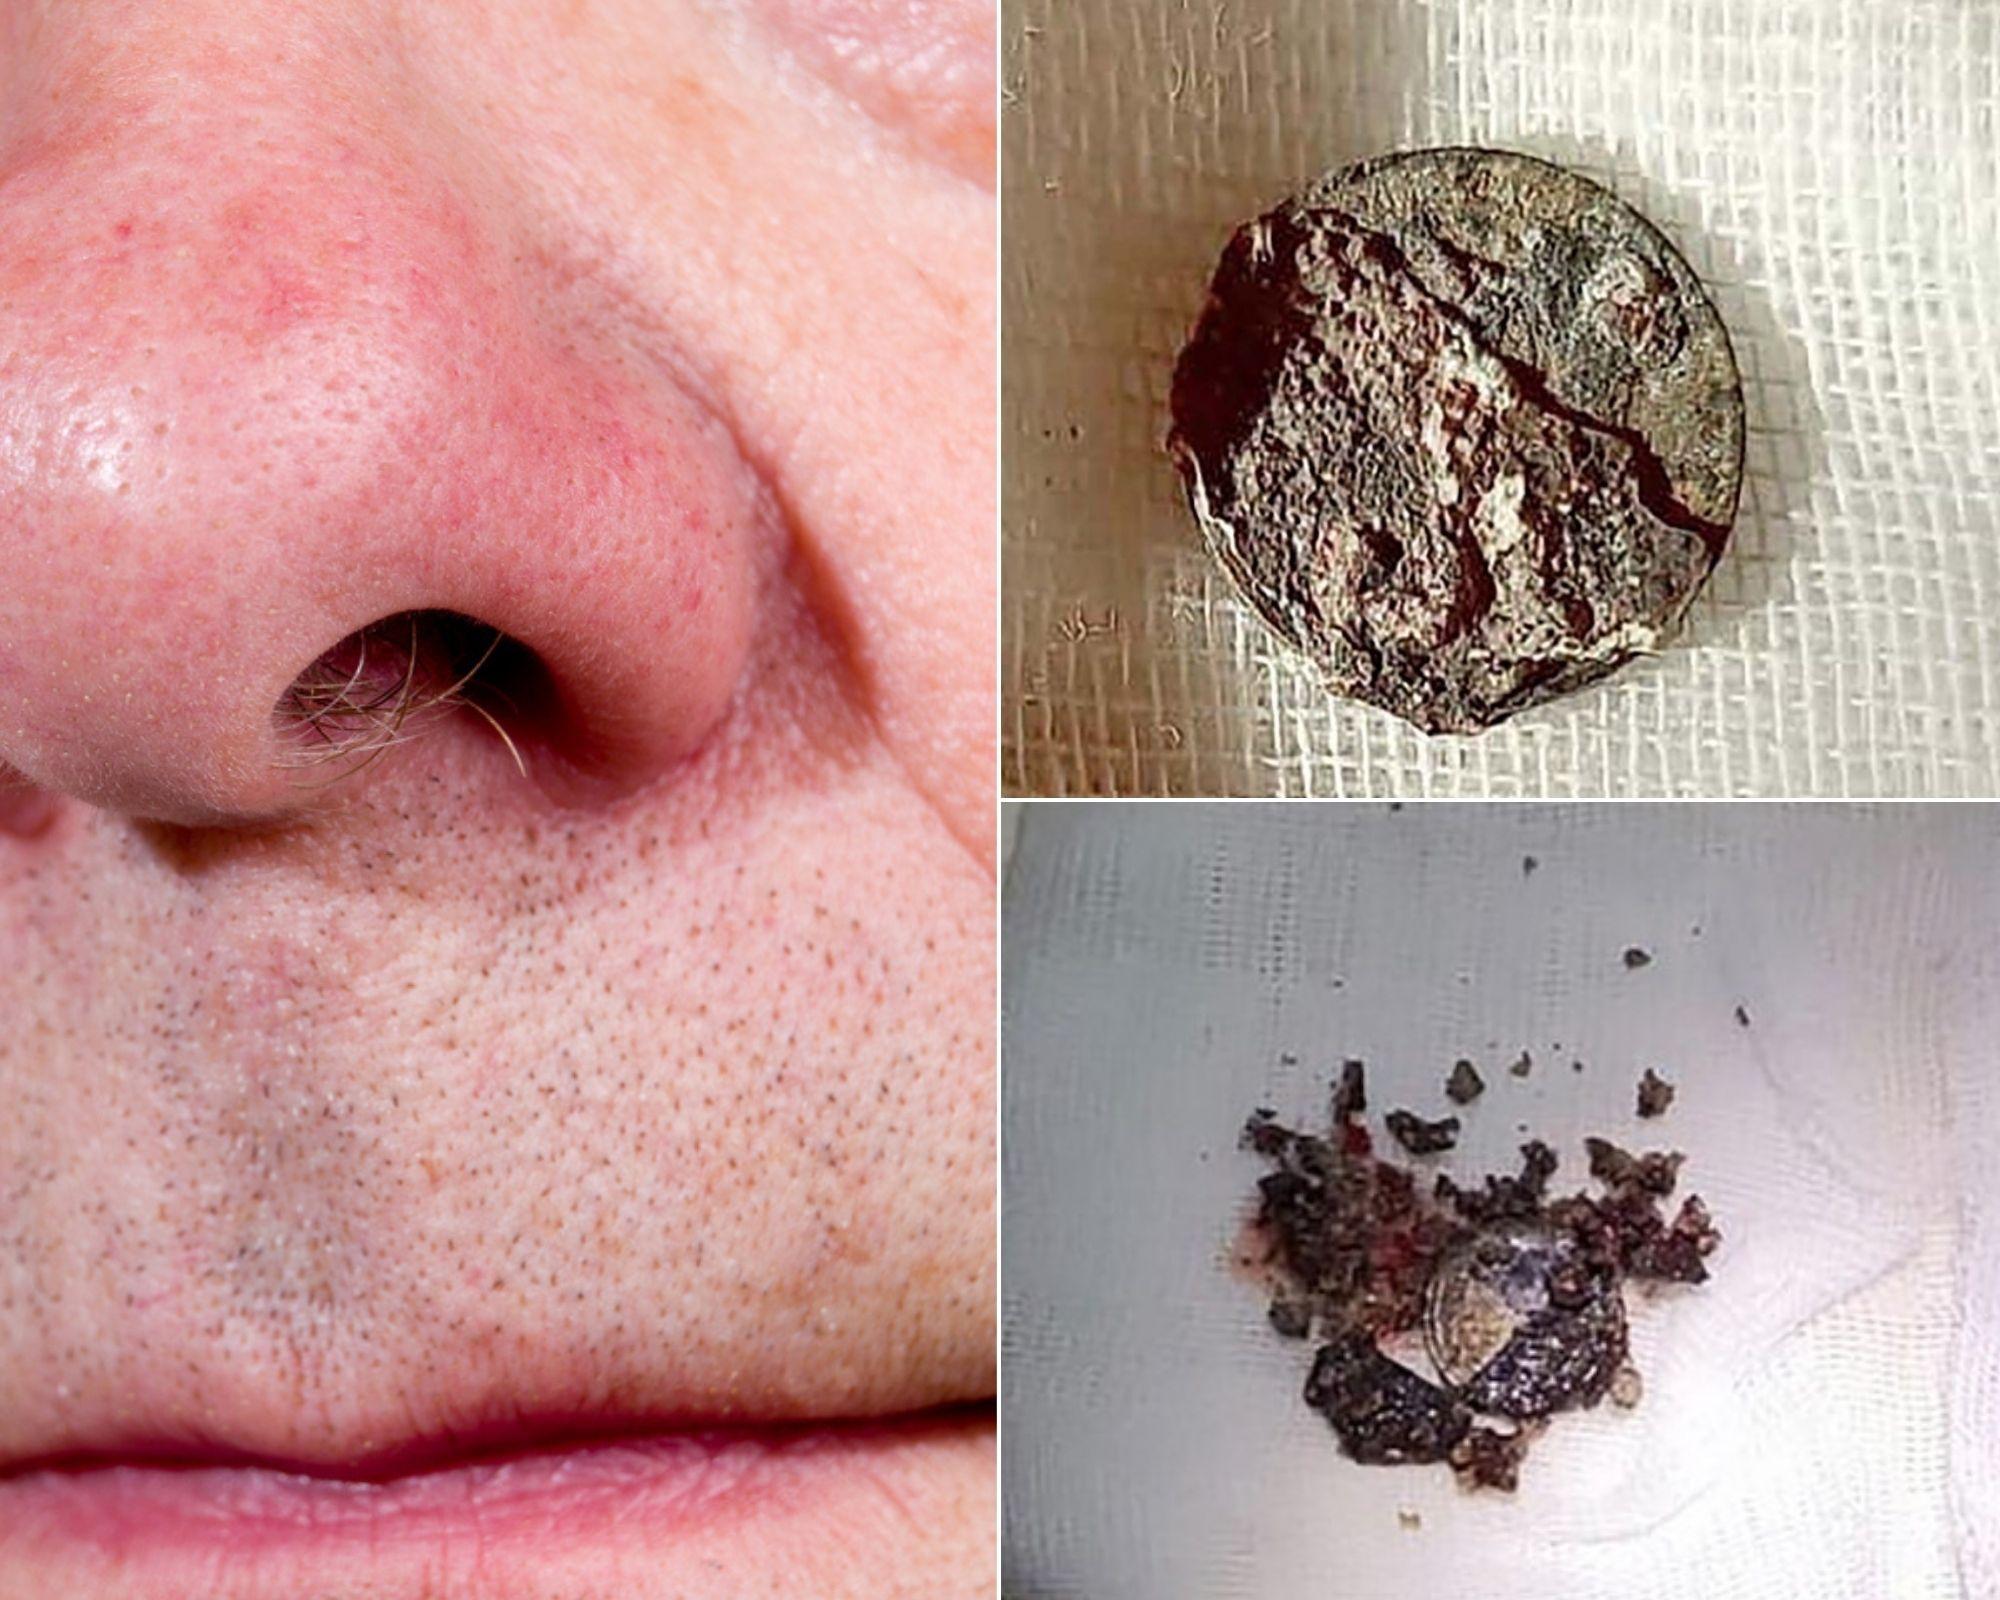 nasul si banul care a fost scos din nara dreapta a unui barbat dupa 53 de ani de la introducerea obiectului